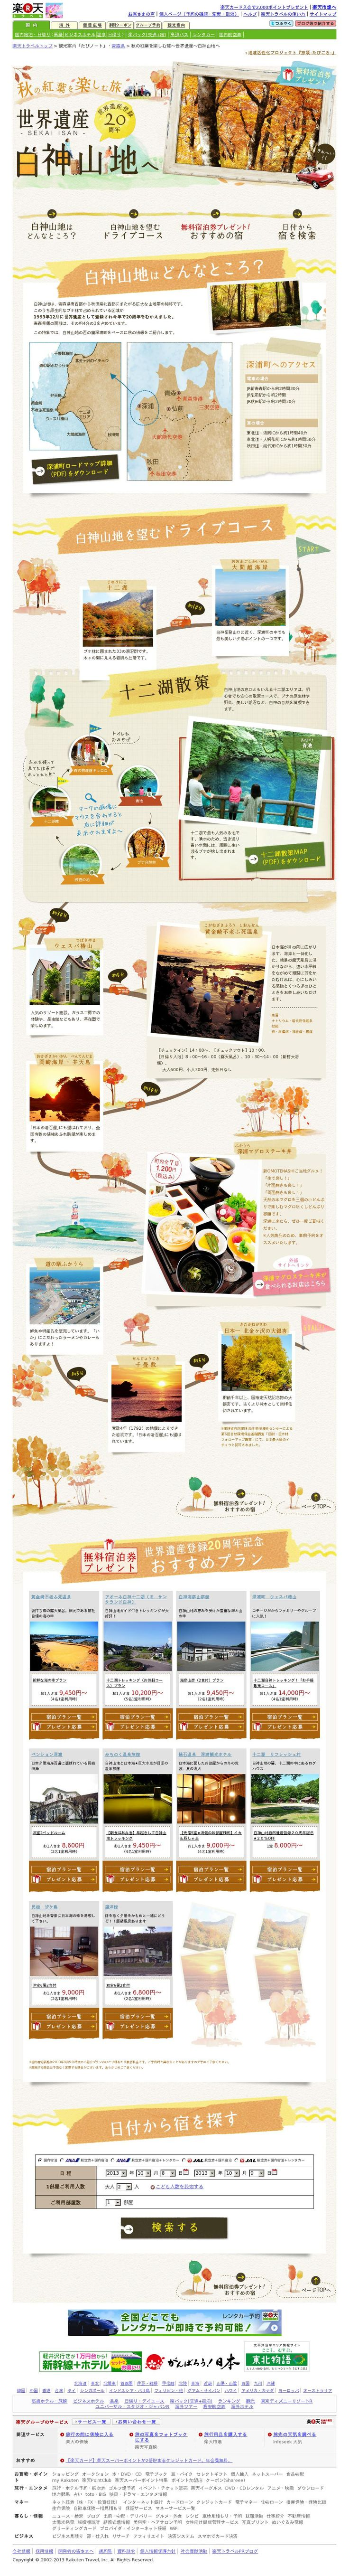 【旅頃】秋の紅葉を楽しむ旅-世界遺産白神山地「十二湖」へ